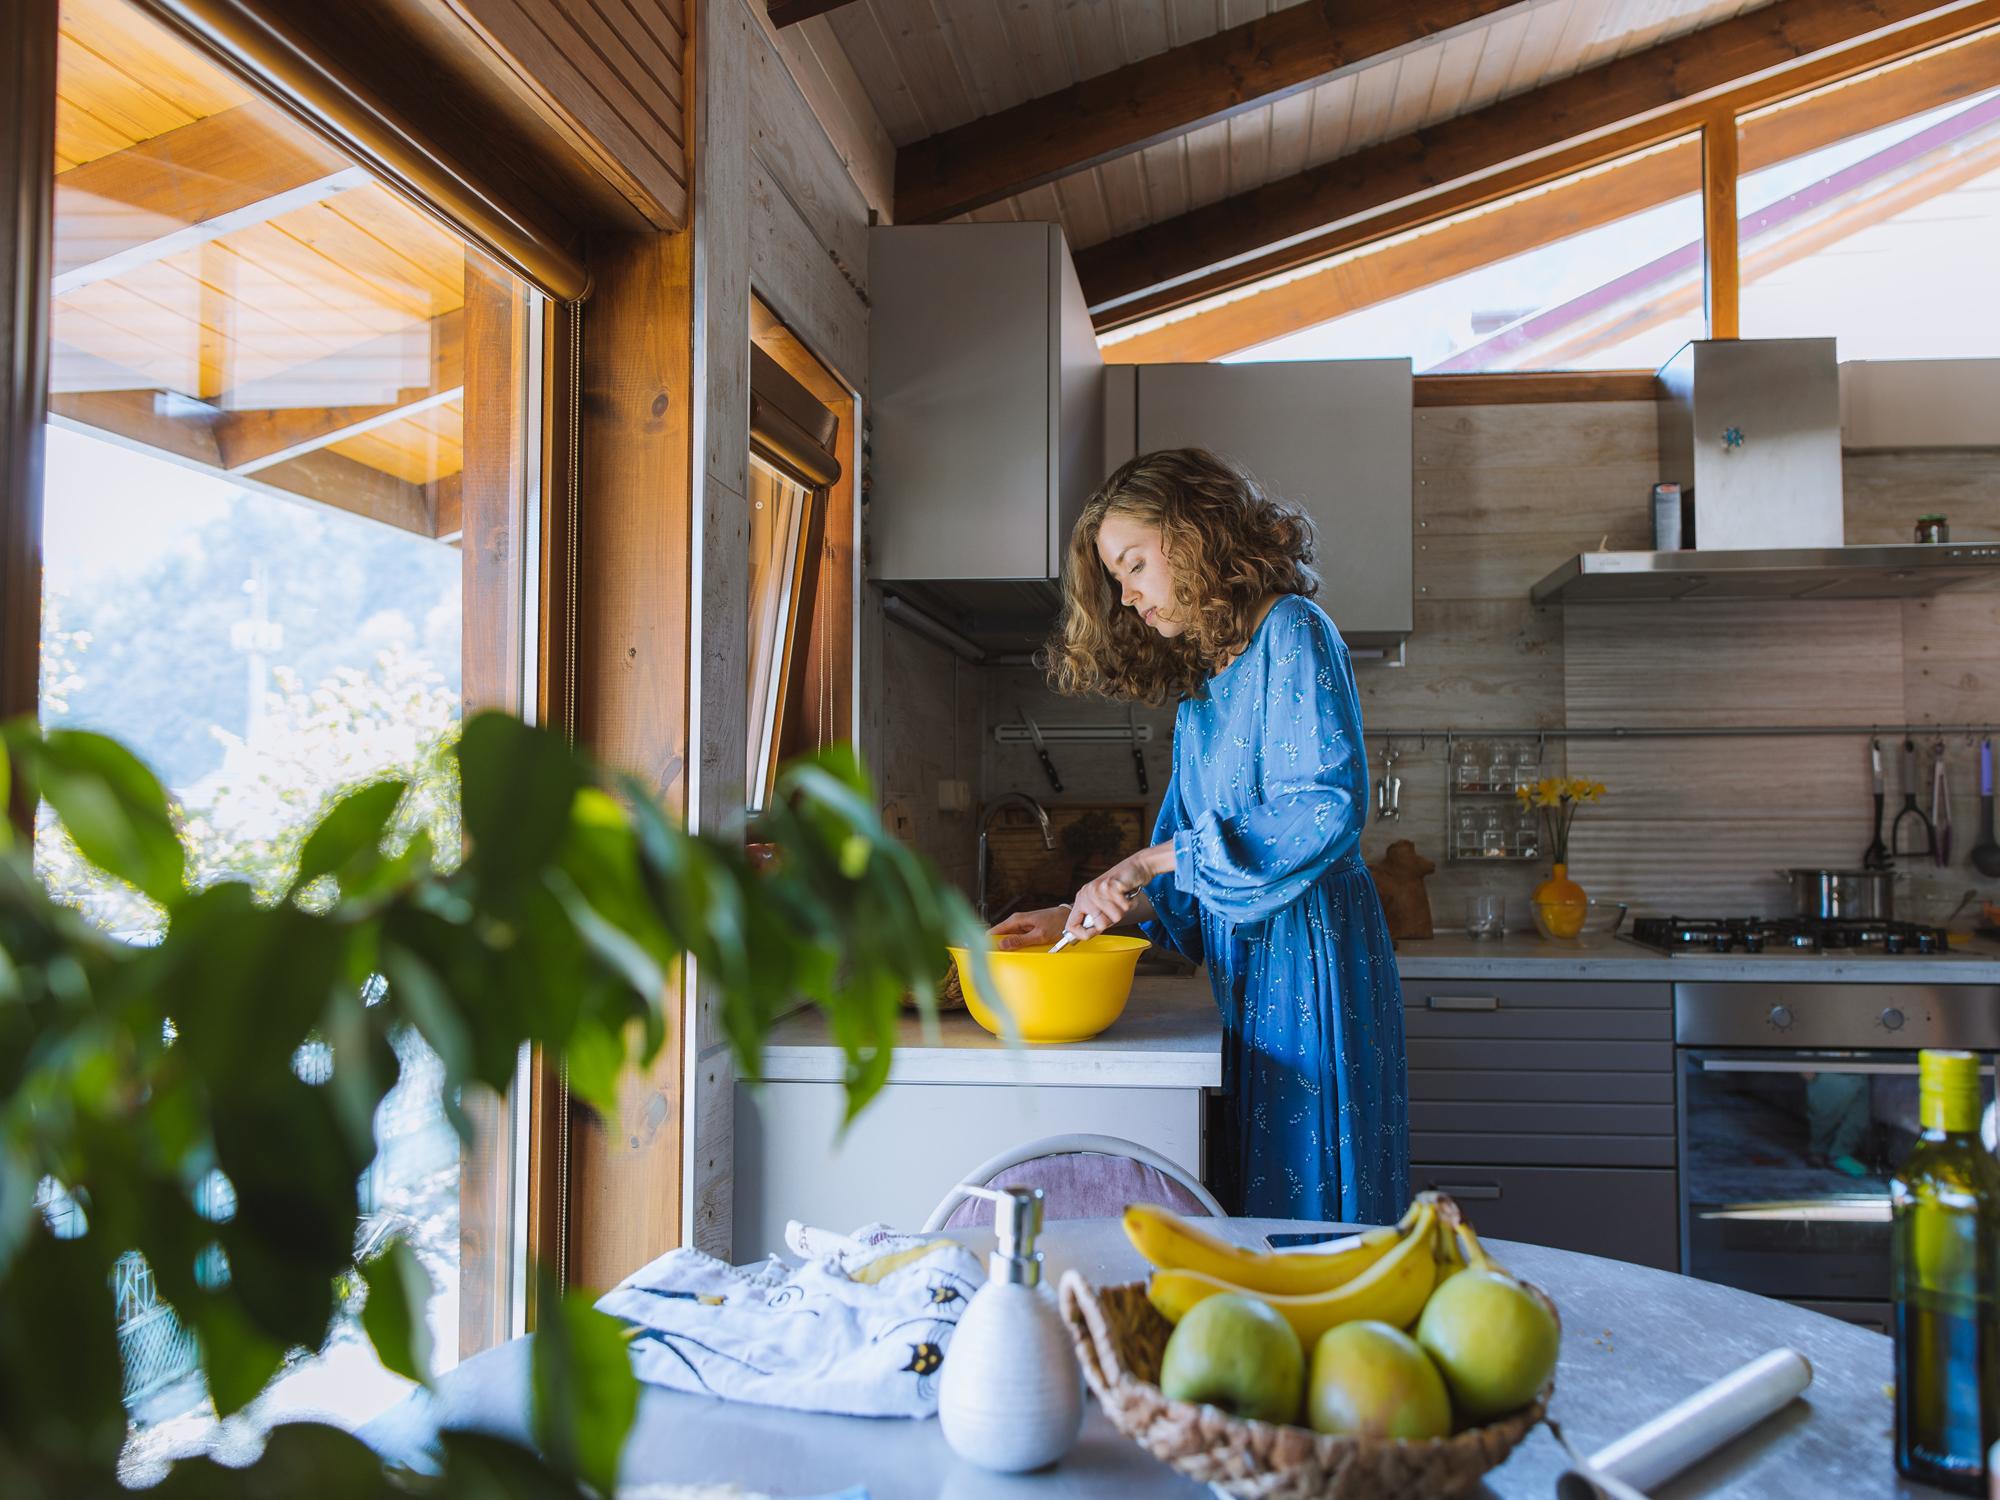 Préparer ses repas pour éviter le gaspillage alimentaire